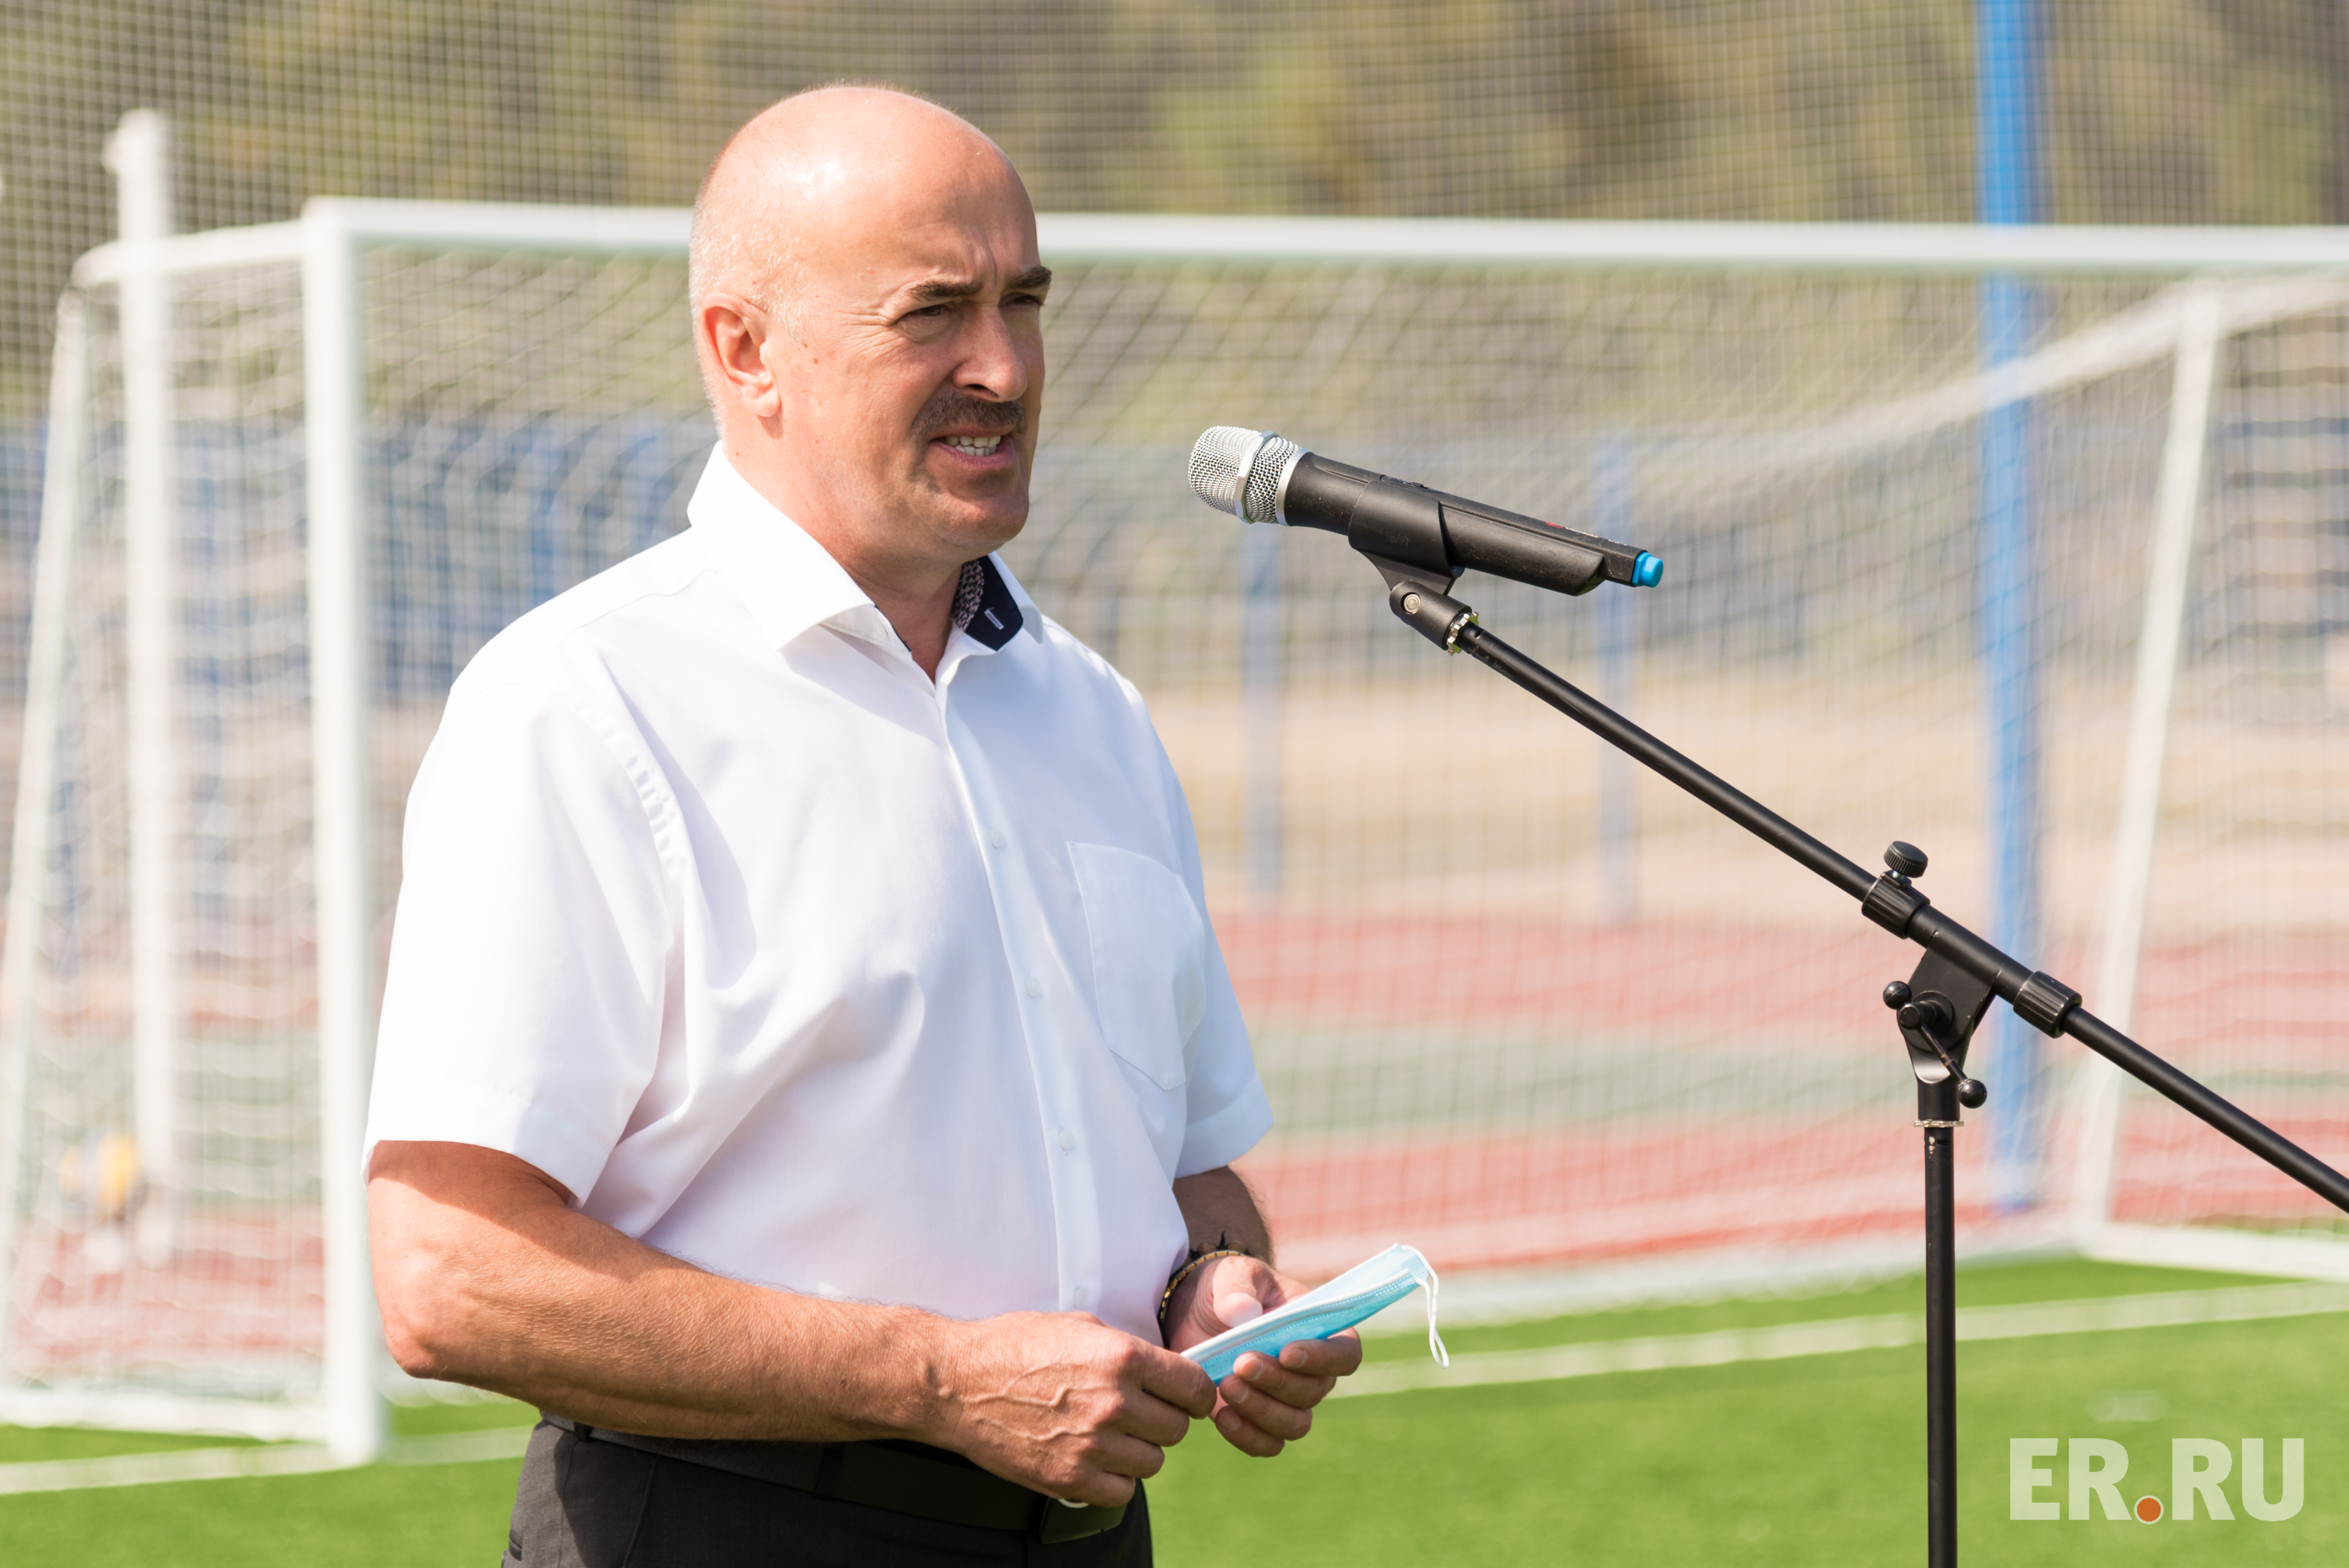 Открытие школьного стадиона в Струго-Красненском районе Псковской области